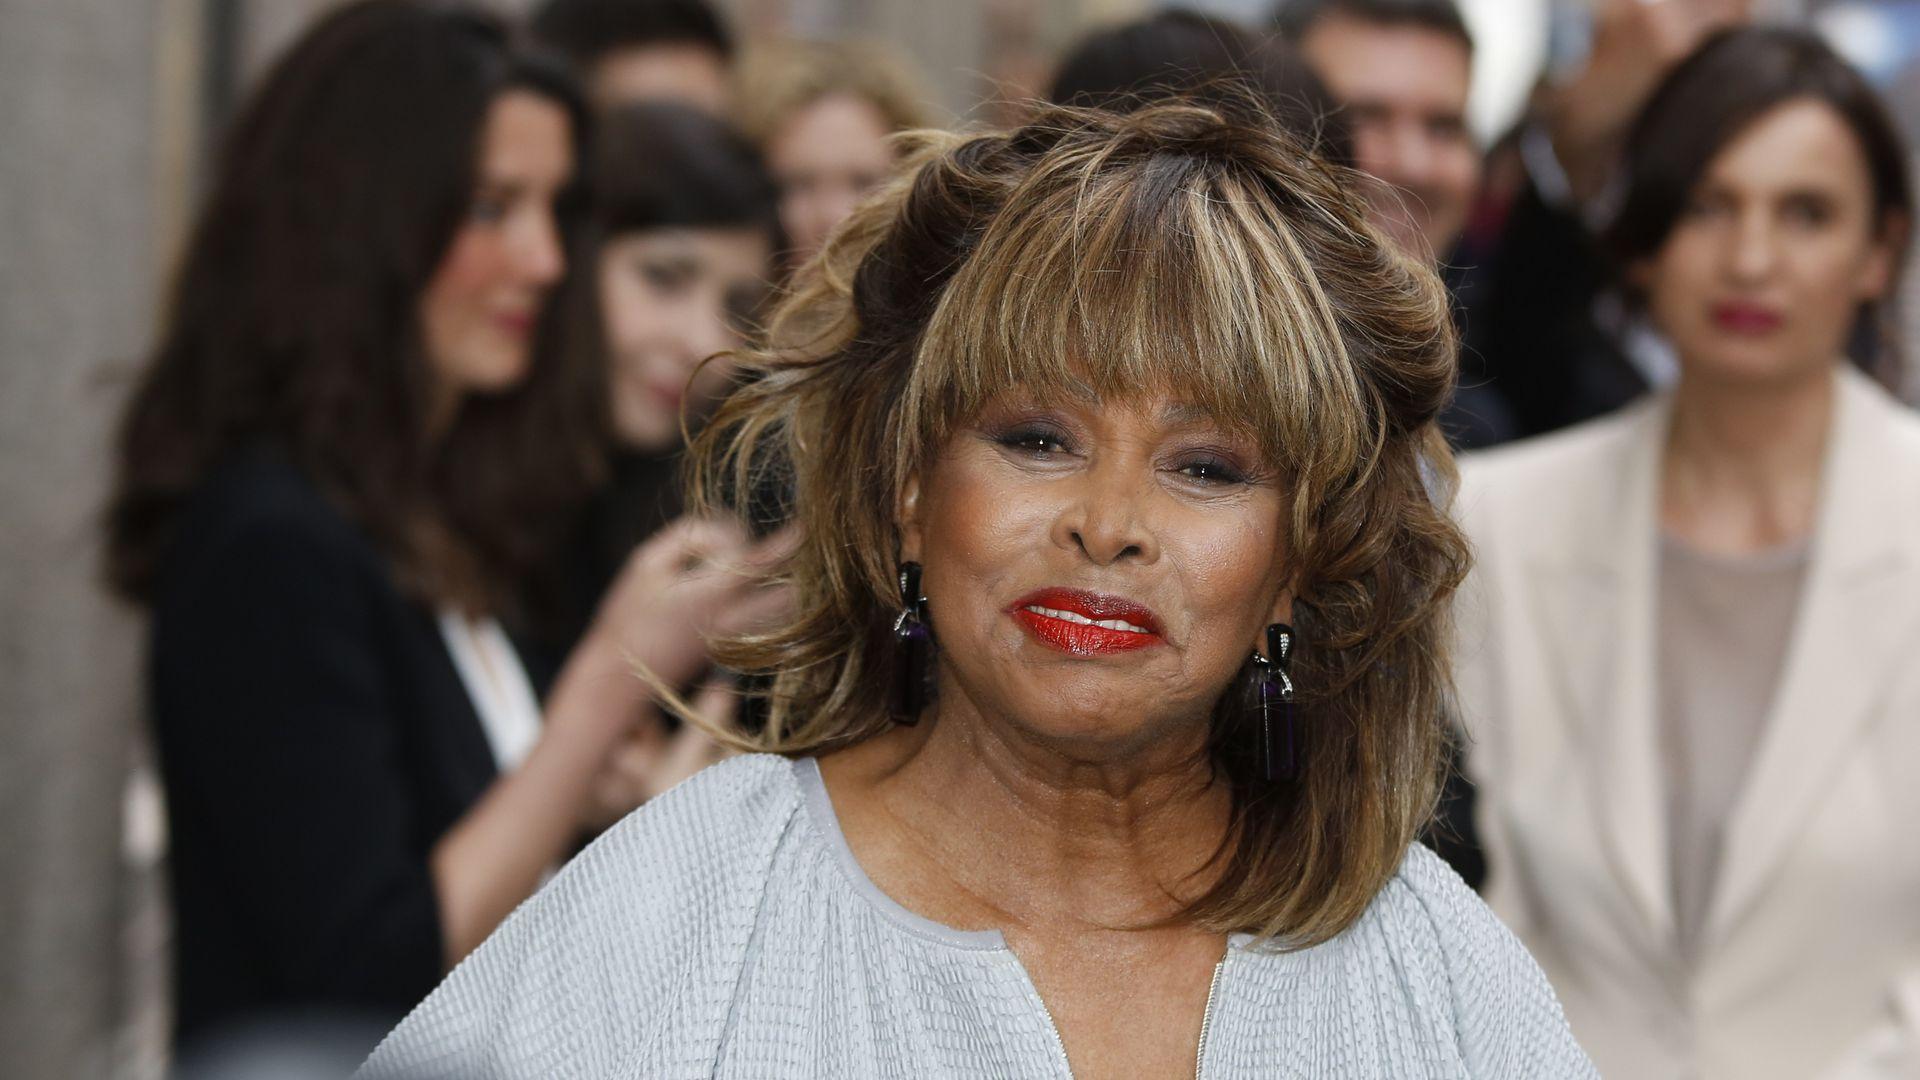 Vor plötzlichem Suizid: Tina Turners Sohn schien glücklich